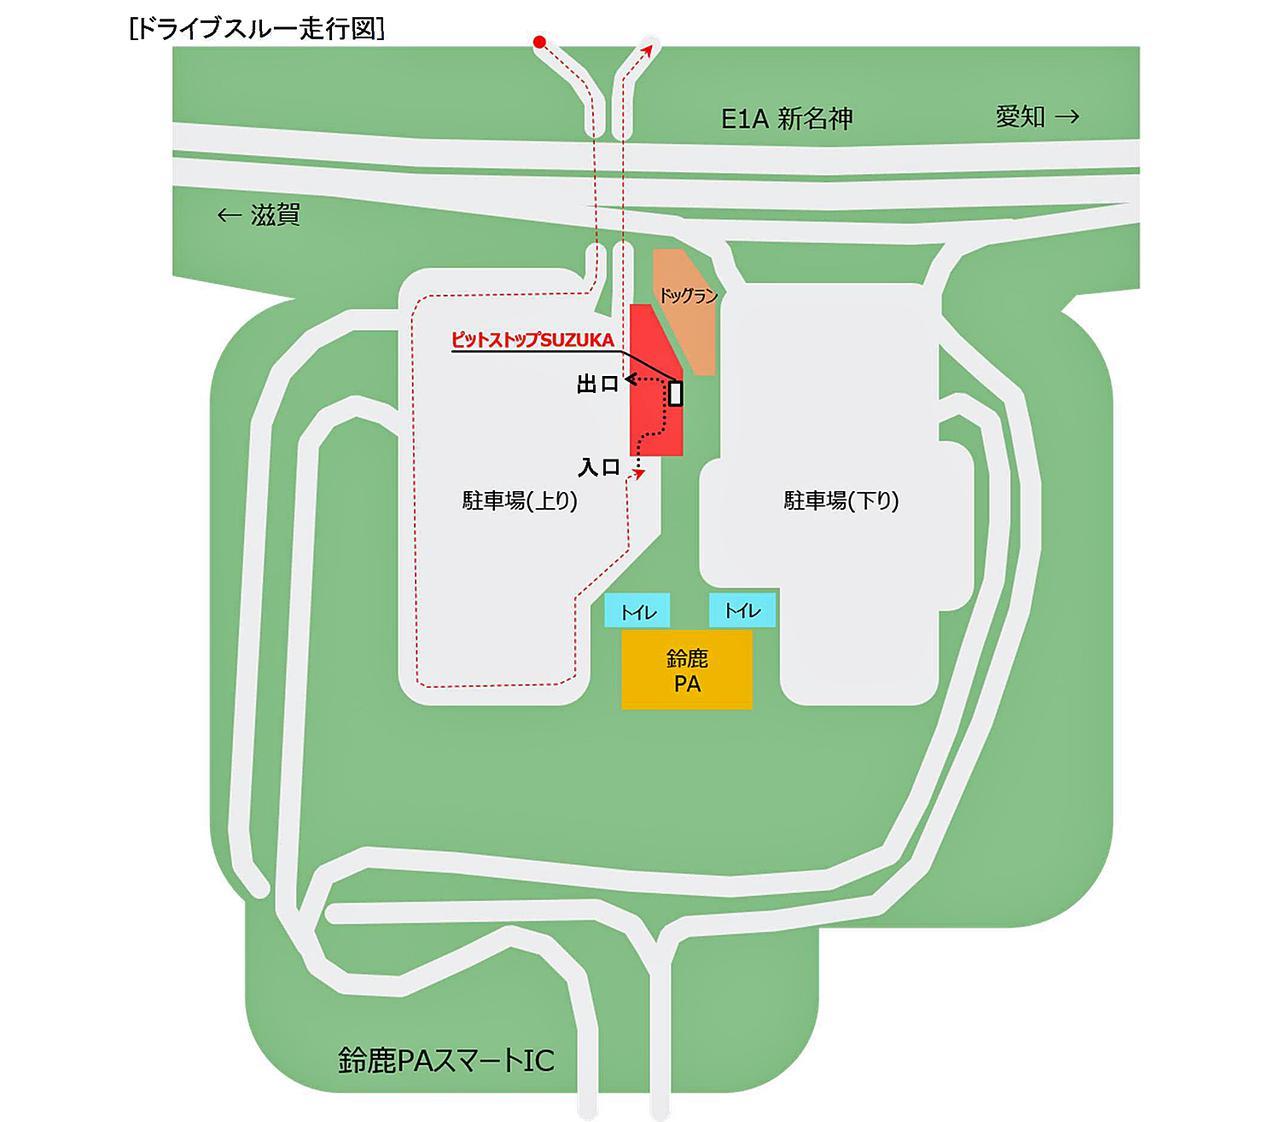 【高速道路情報】新名神高速 鈴鹿PA(上り)でドライブスルー店舗を期間限定でオープン!